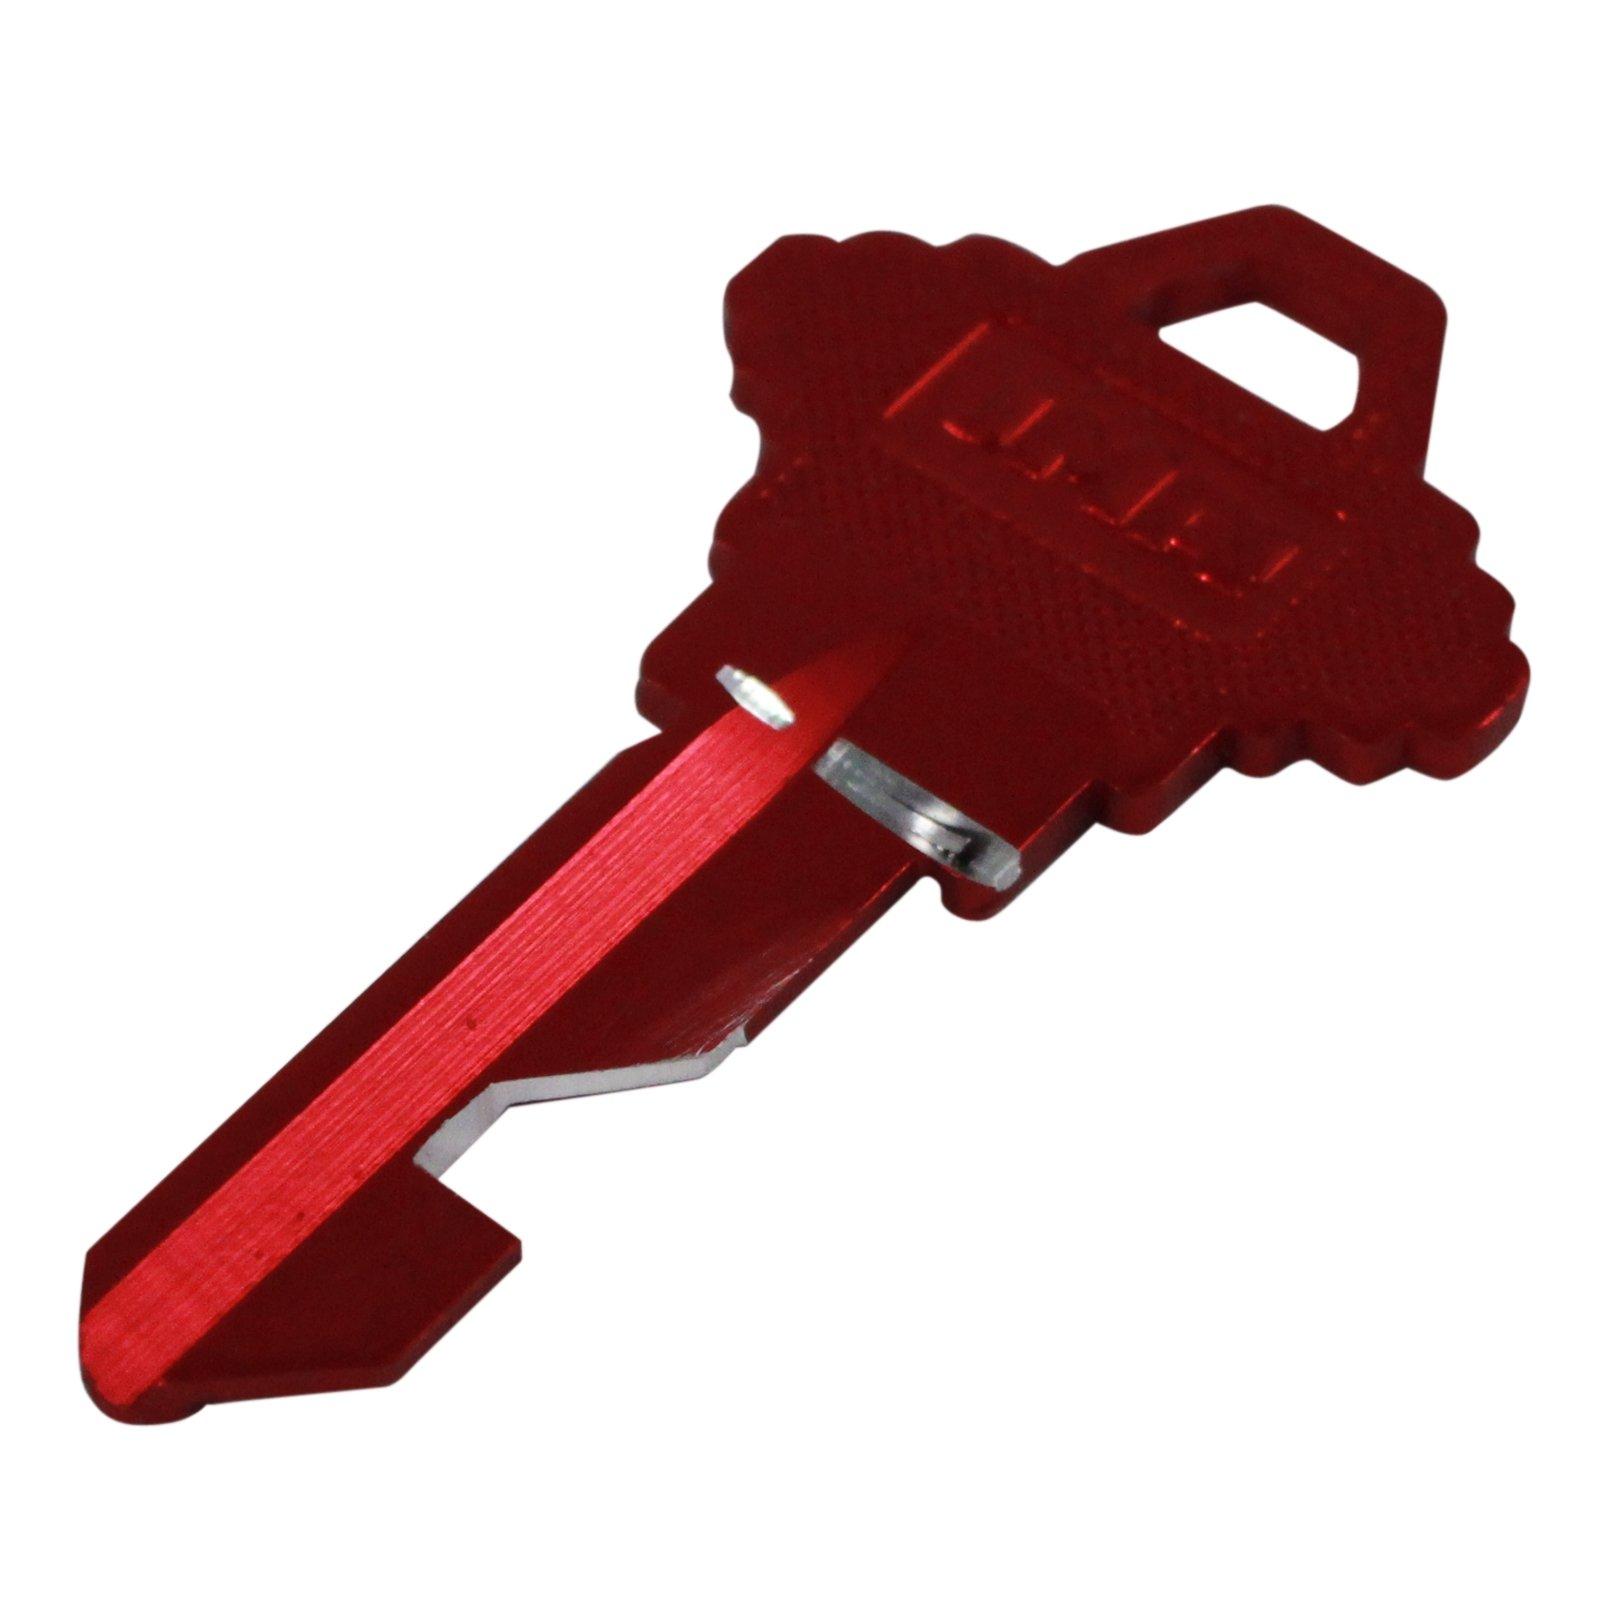 ASR Tactical Killer Key Lock Disabler - Schlage